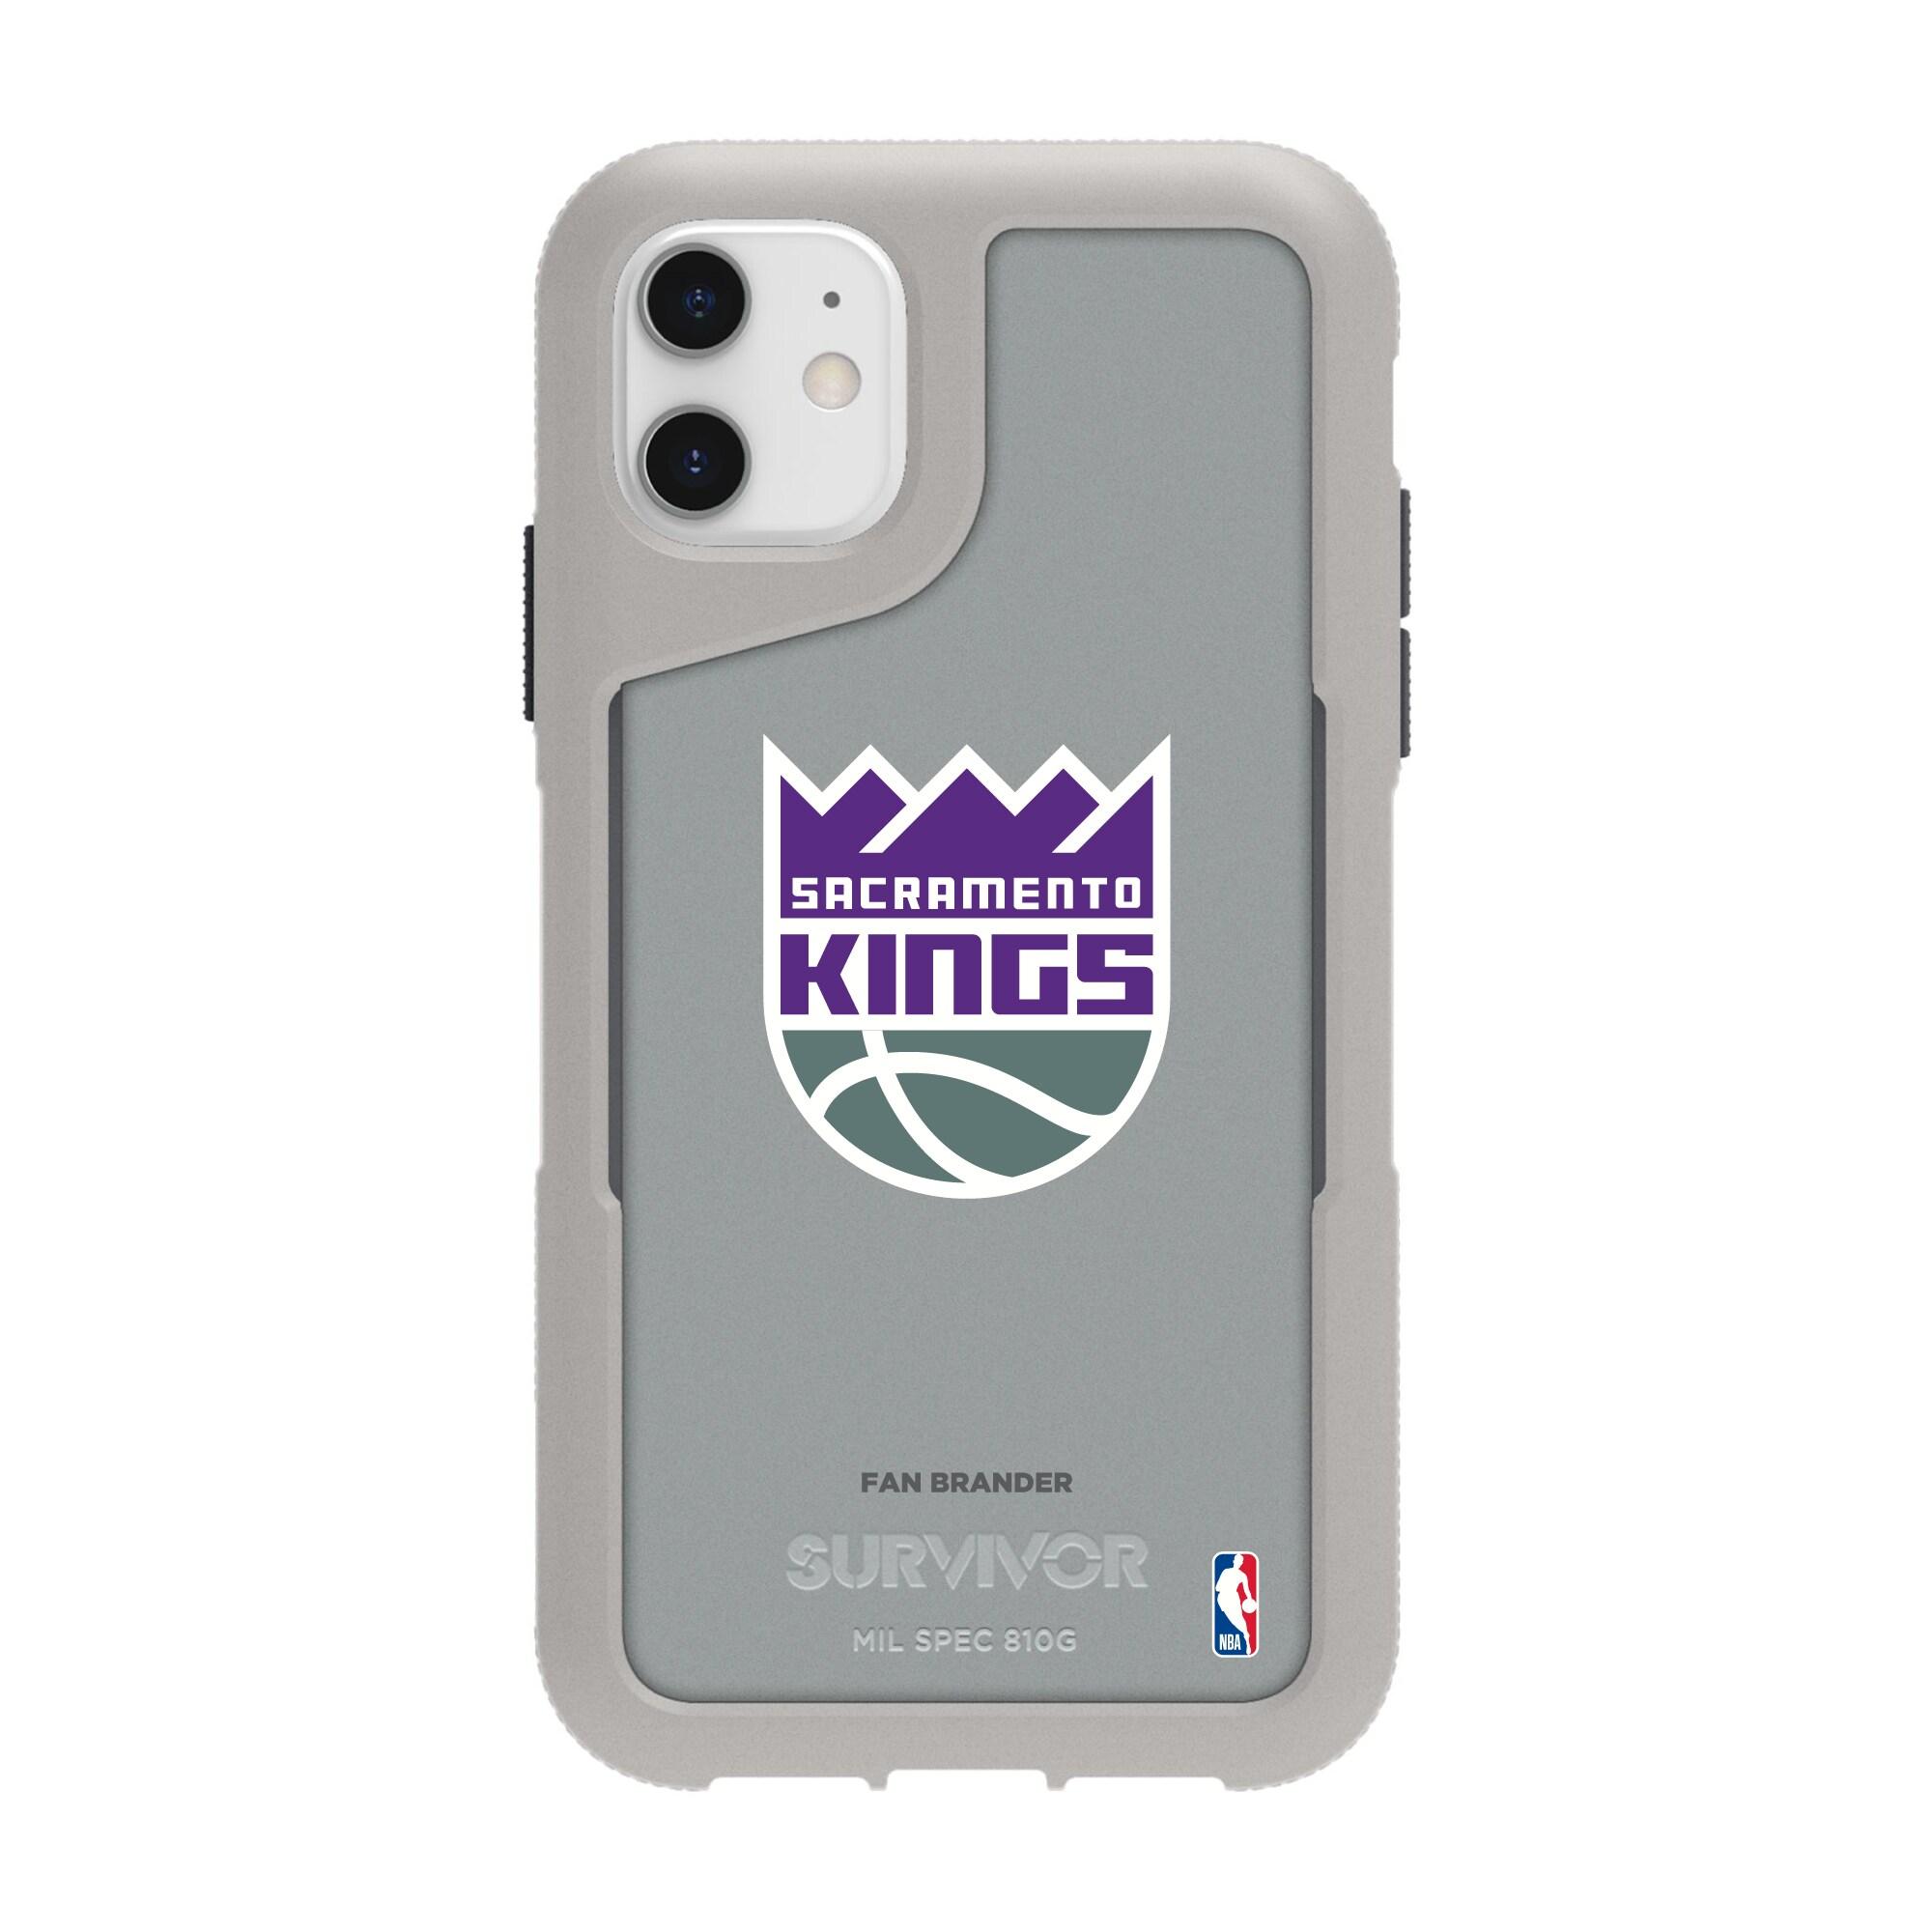 Sacramento Kings Griffin Survivor Endurance iPhone Case - Gray